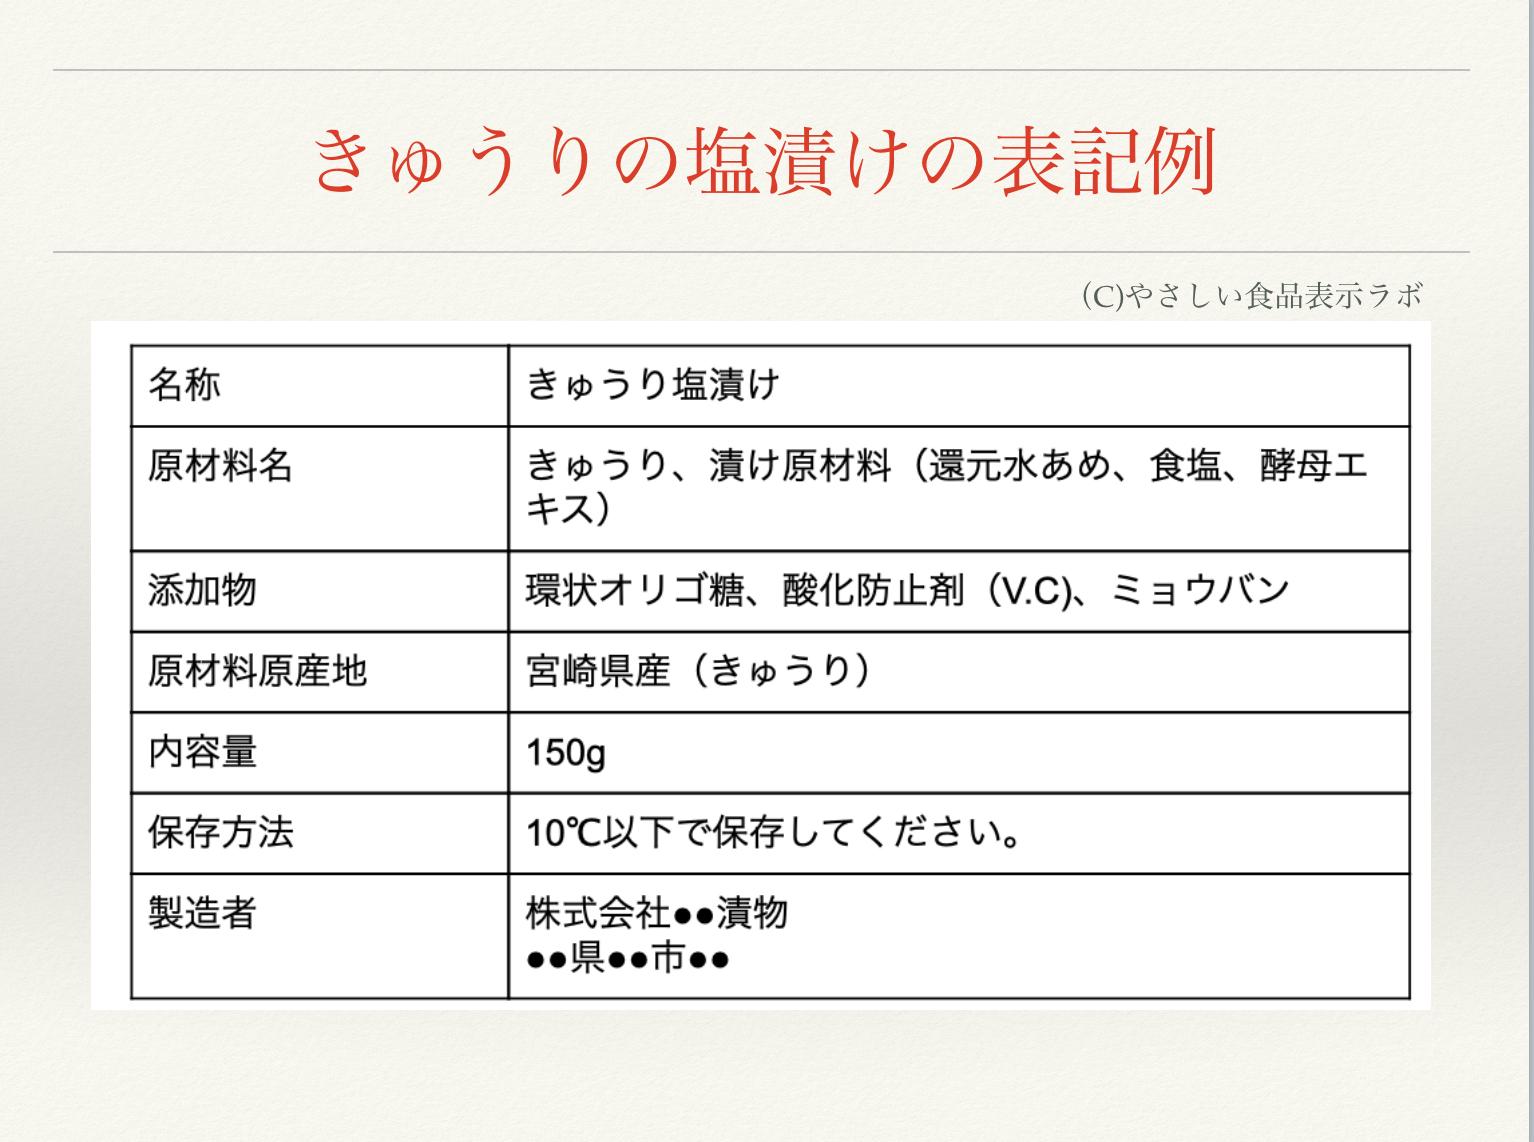 きゅうりの塩漬けの食品表示例